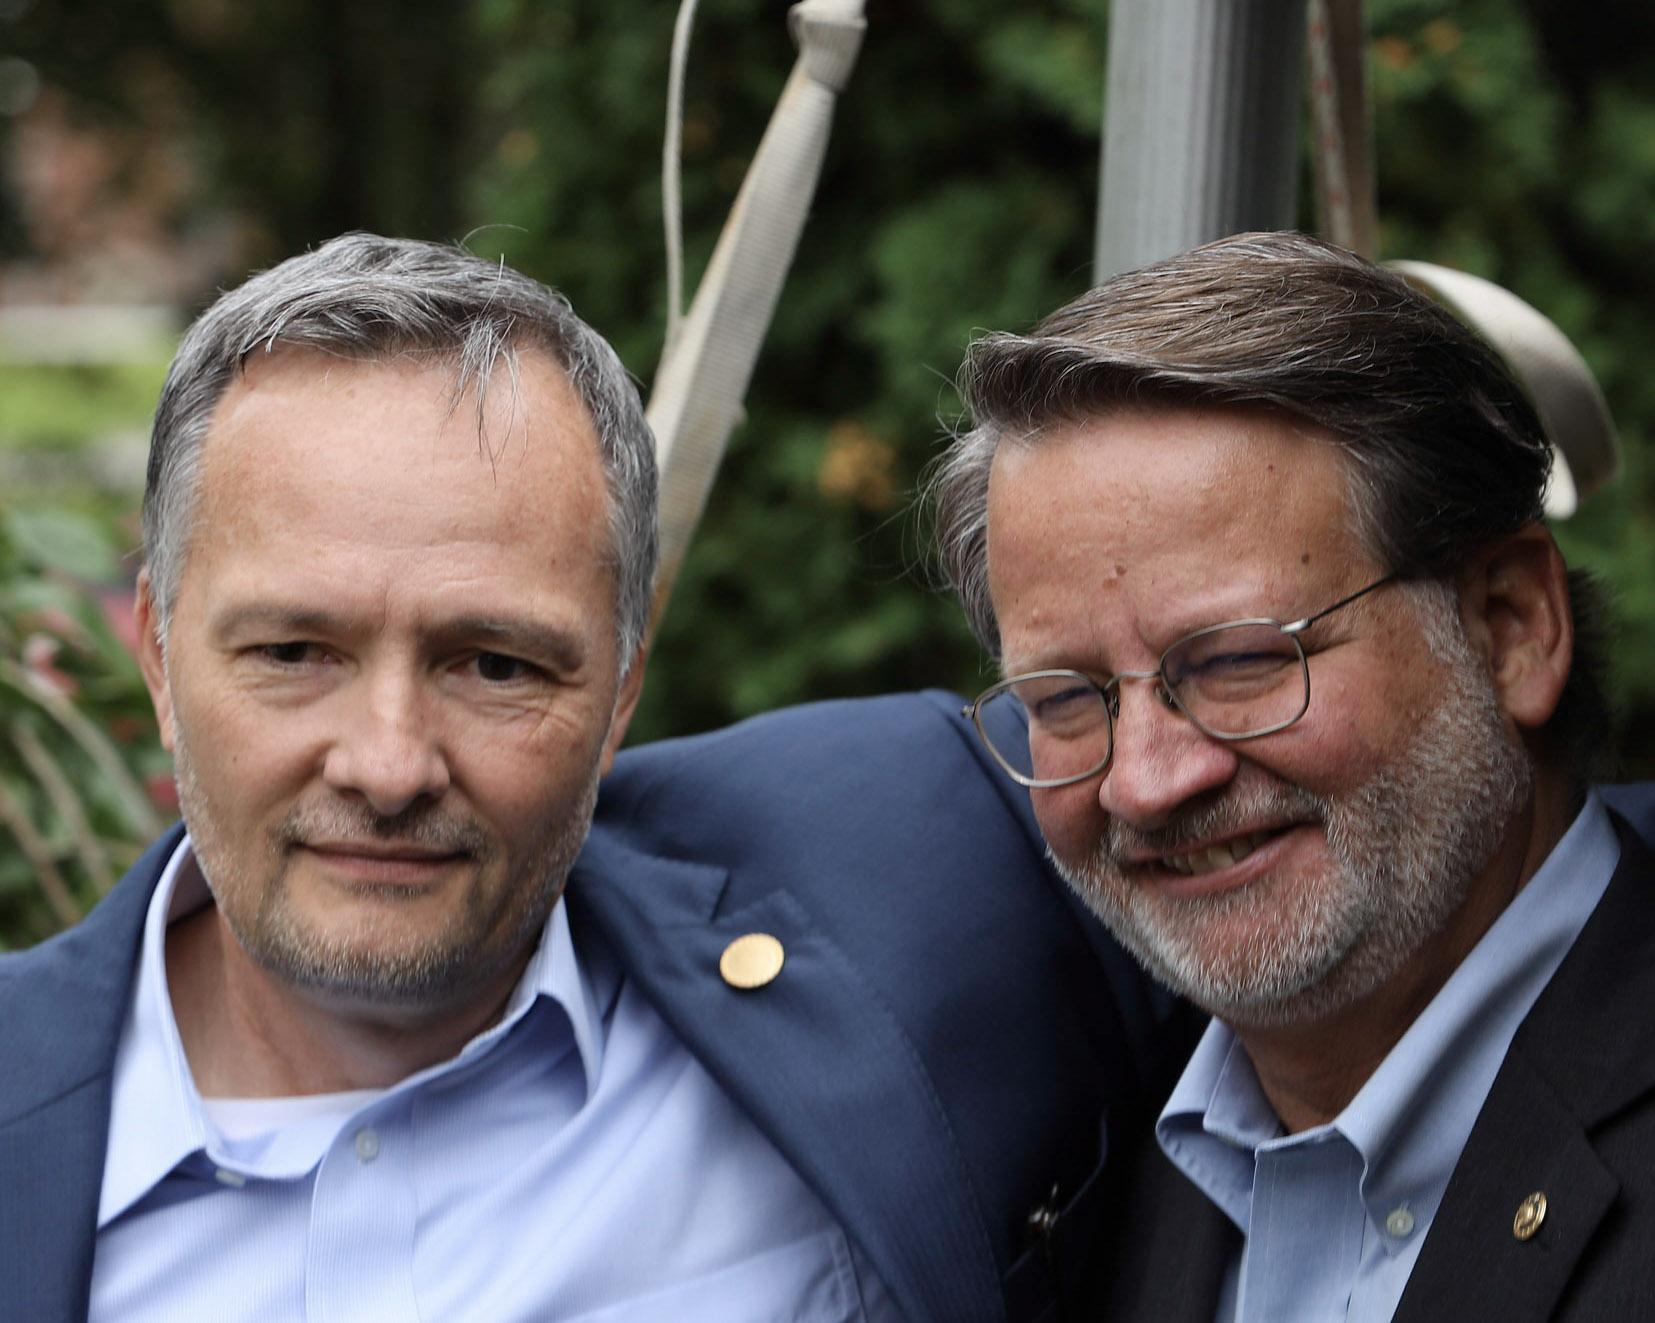 Anthony & Sen. Peters